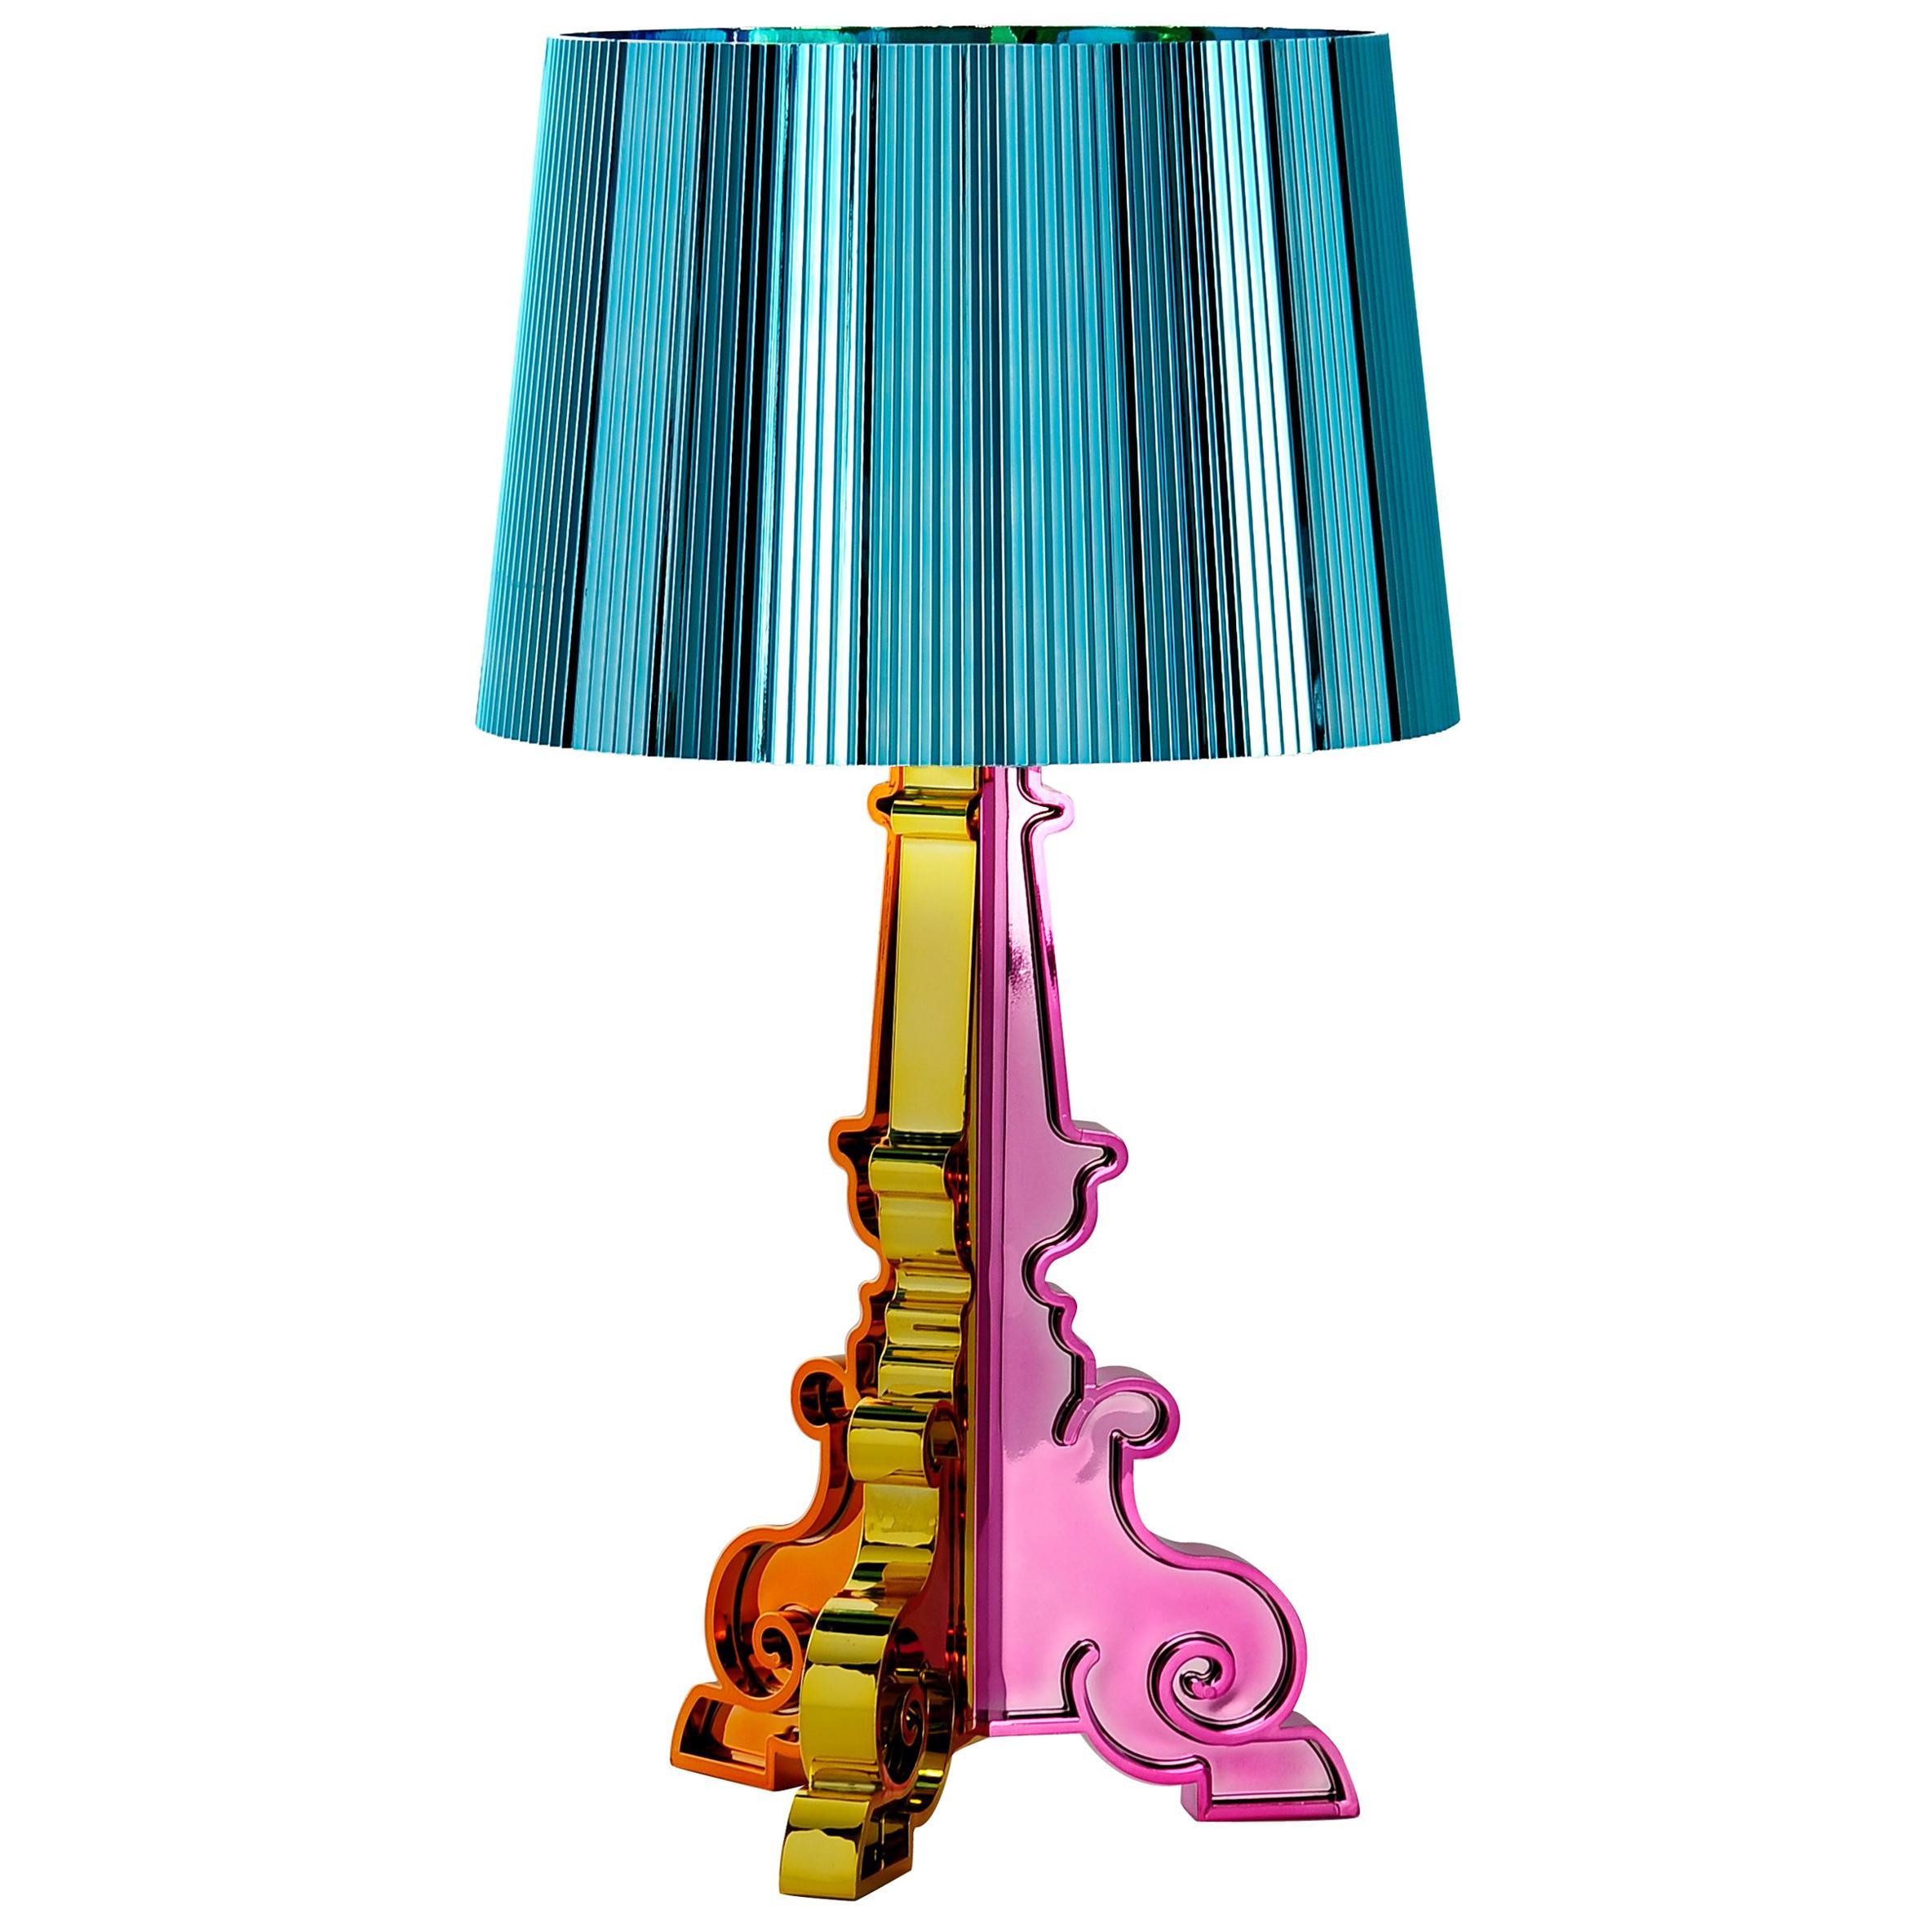 Kartell Bourgie Lamp in Multicolored Blue by Ferruccio Laviani